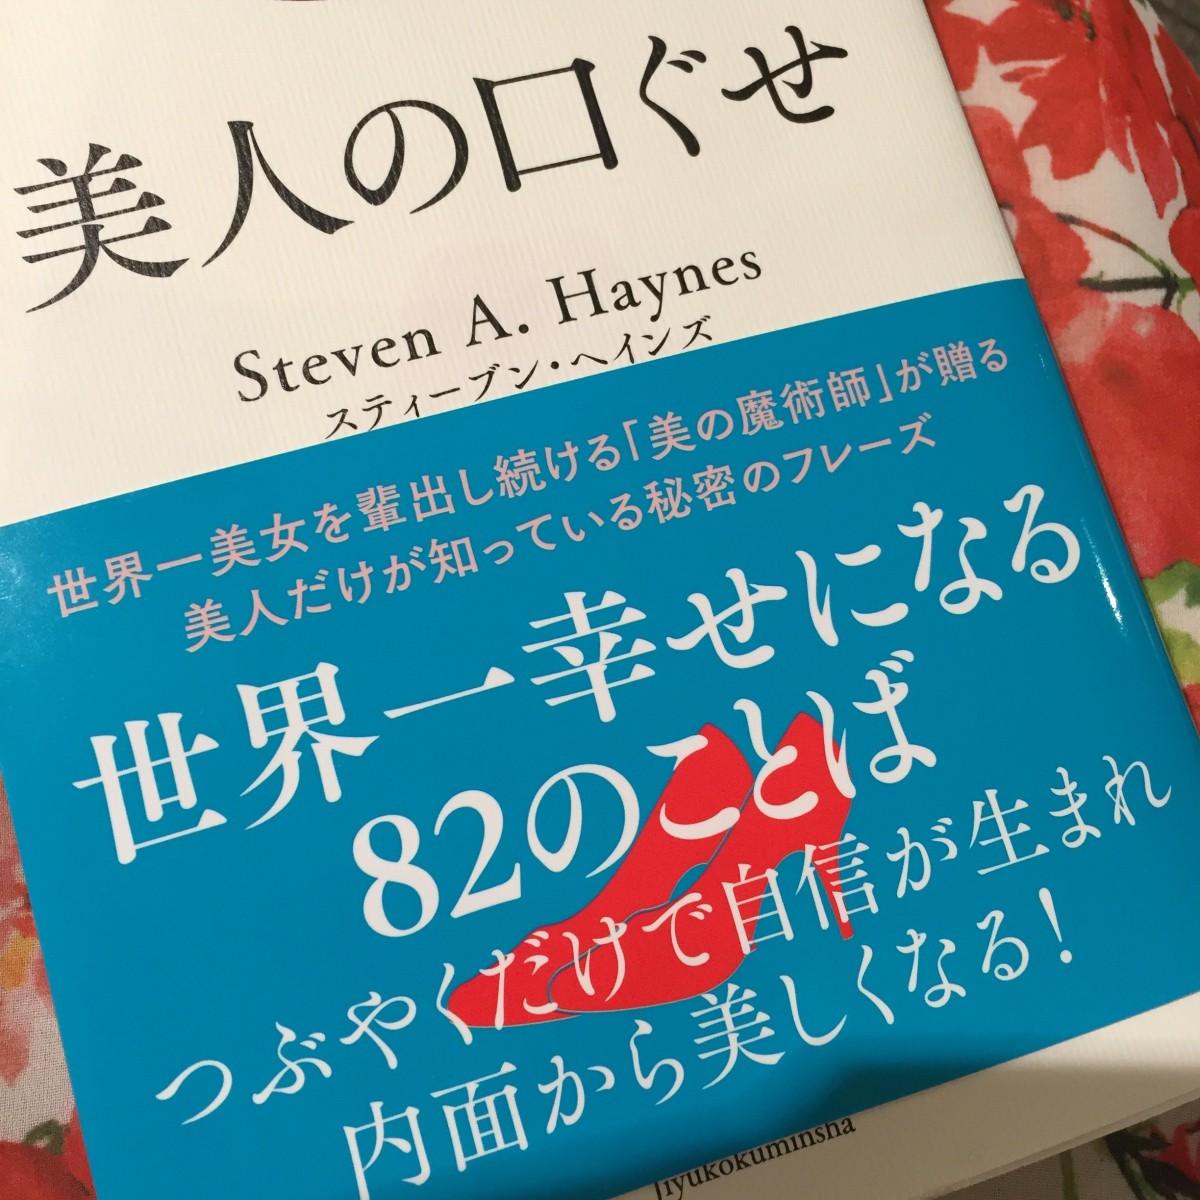 「美人の口ぐせ」覚える位読みたい本 ◆スティーブン•ヘインズ著  そうか!ミスユニバースもミスインターナショナルの女性もこの言葉で輝いていたのか。